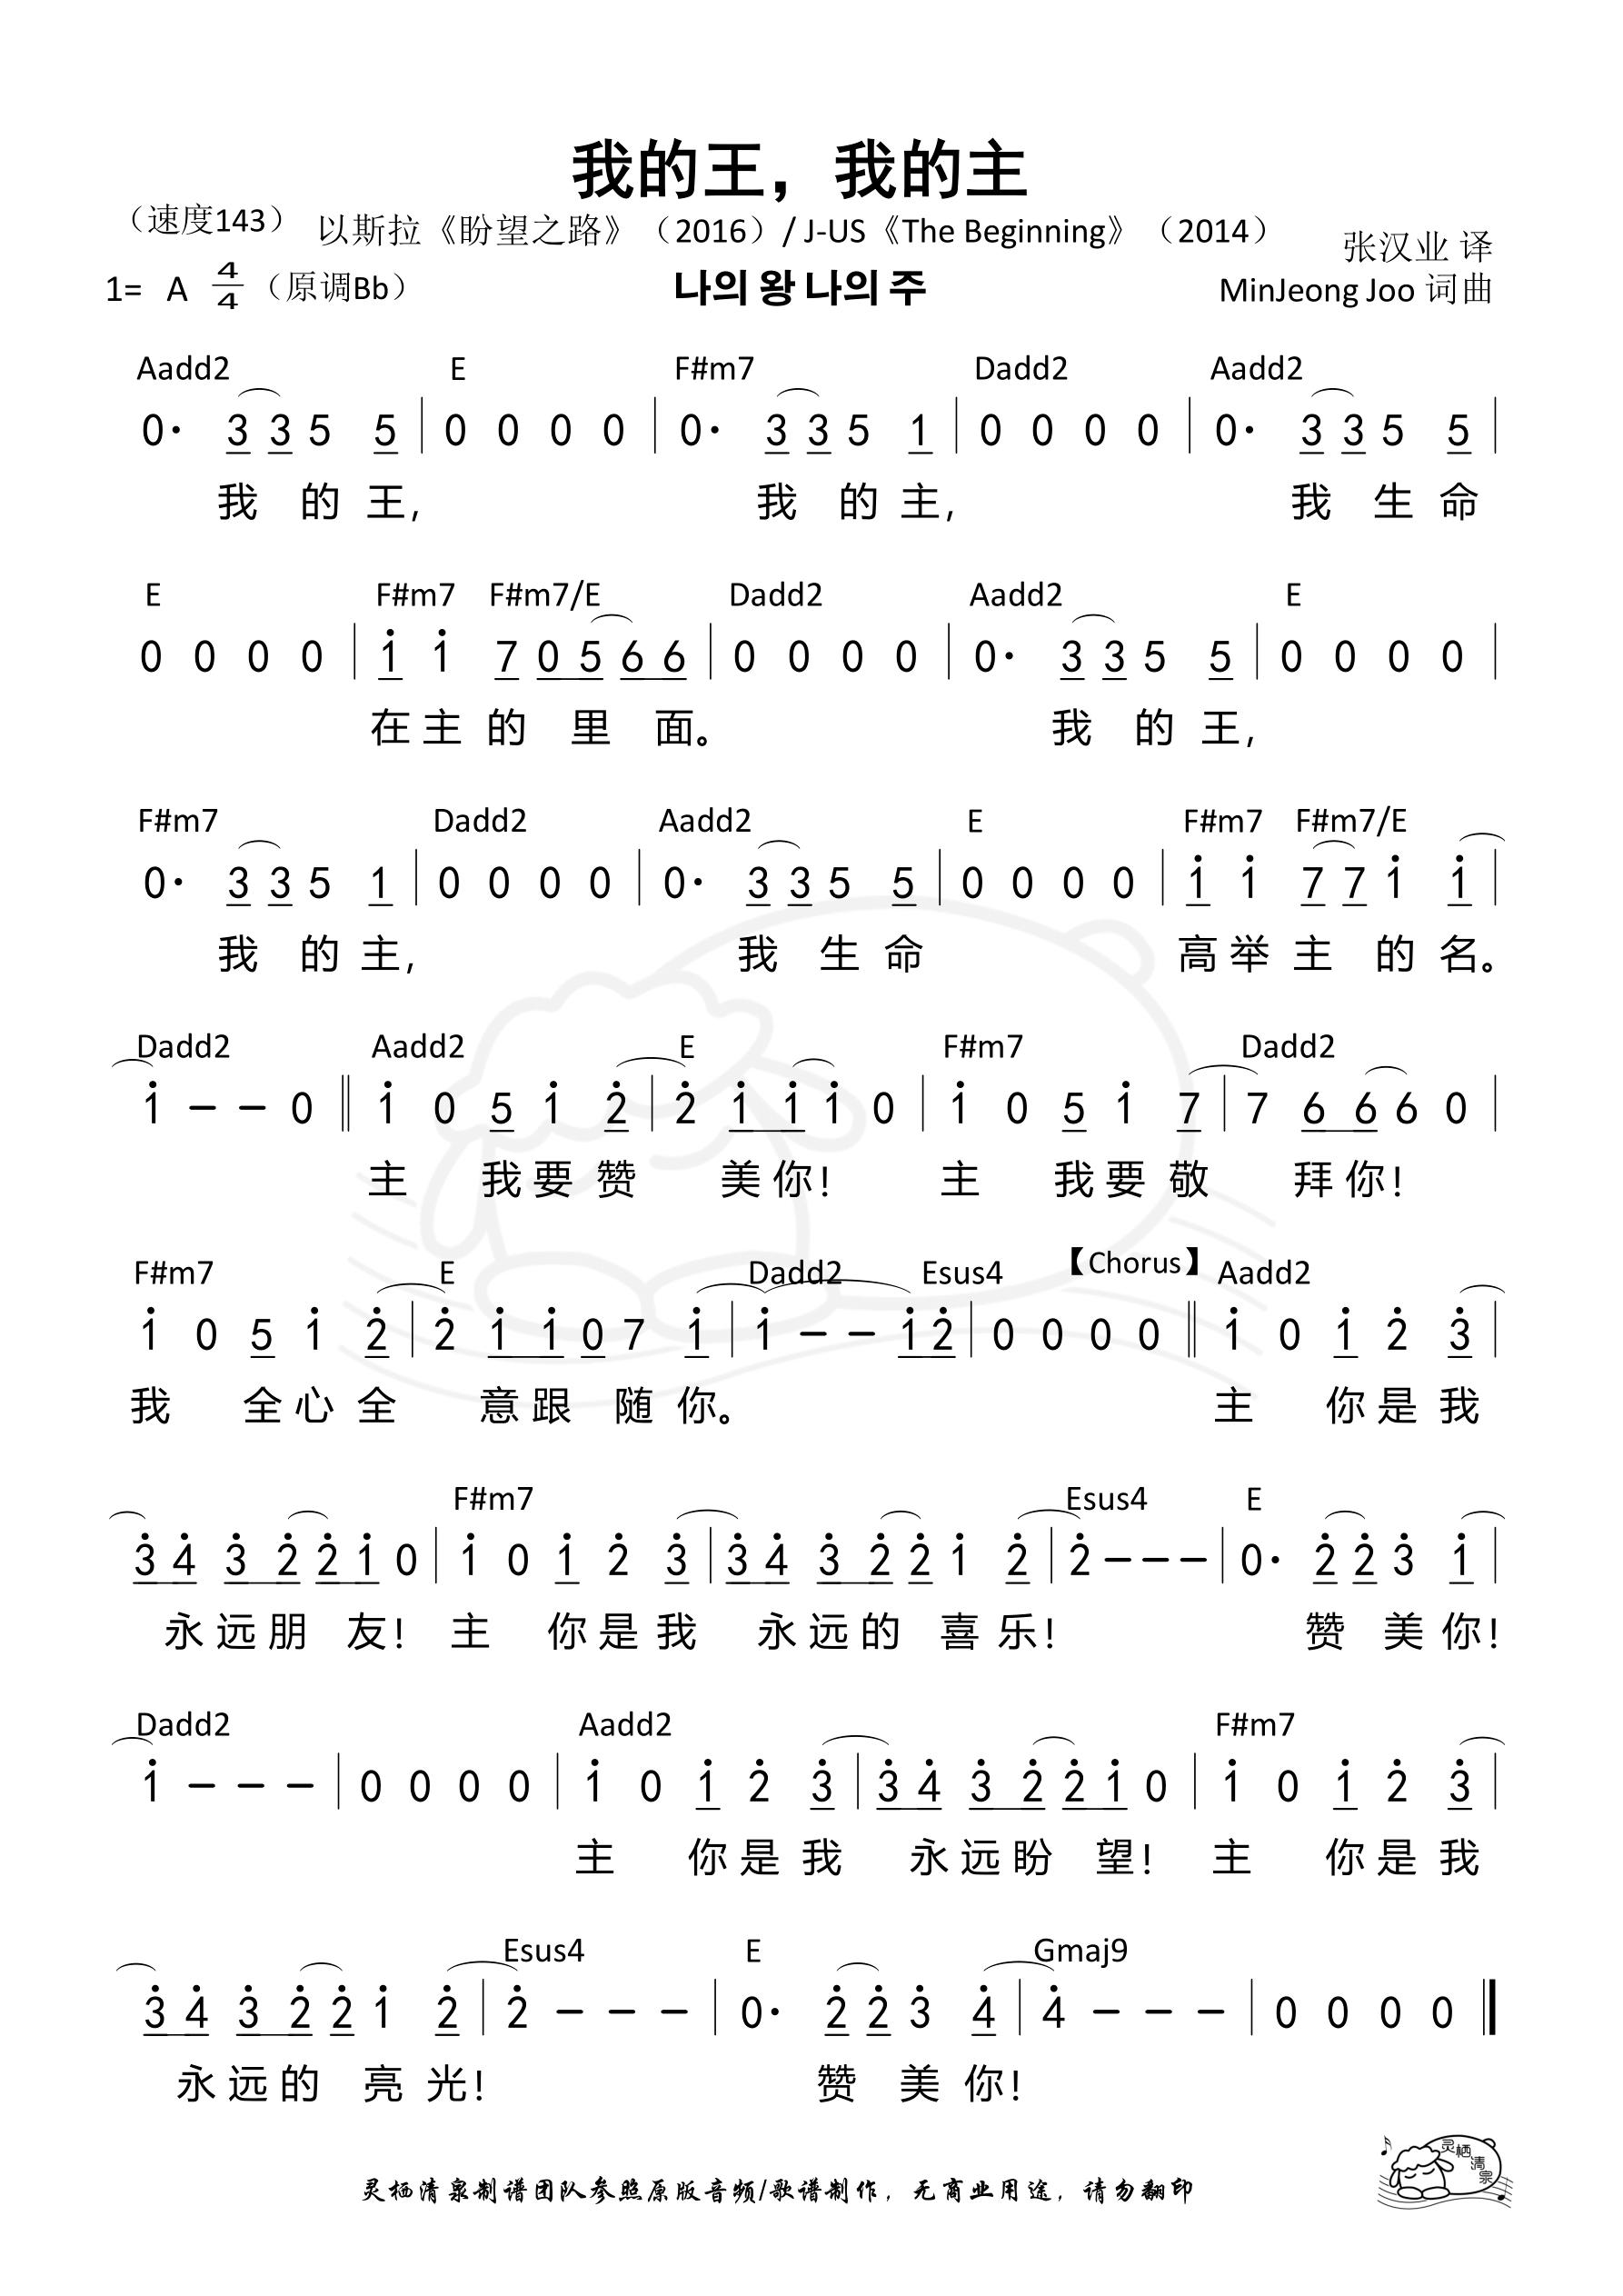 《第770首 - 我的王,我的主 和弦简谱》